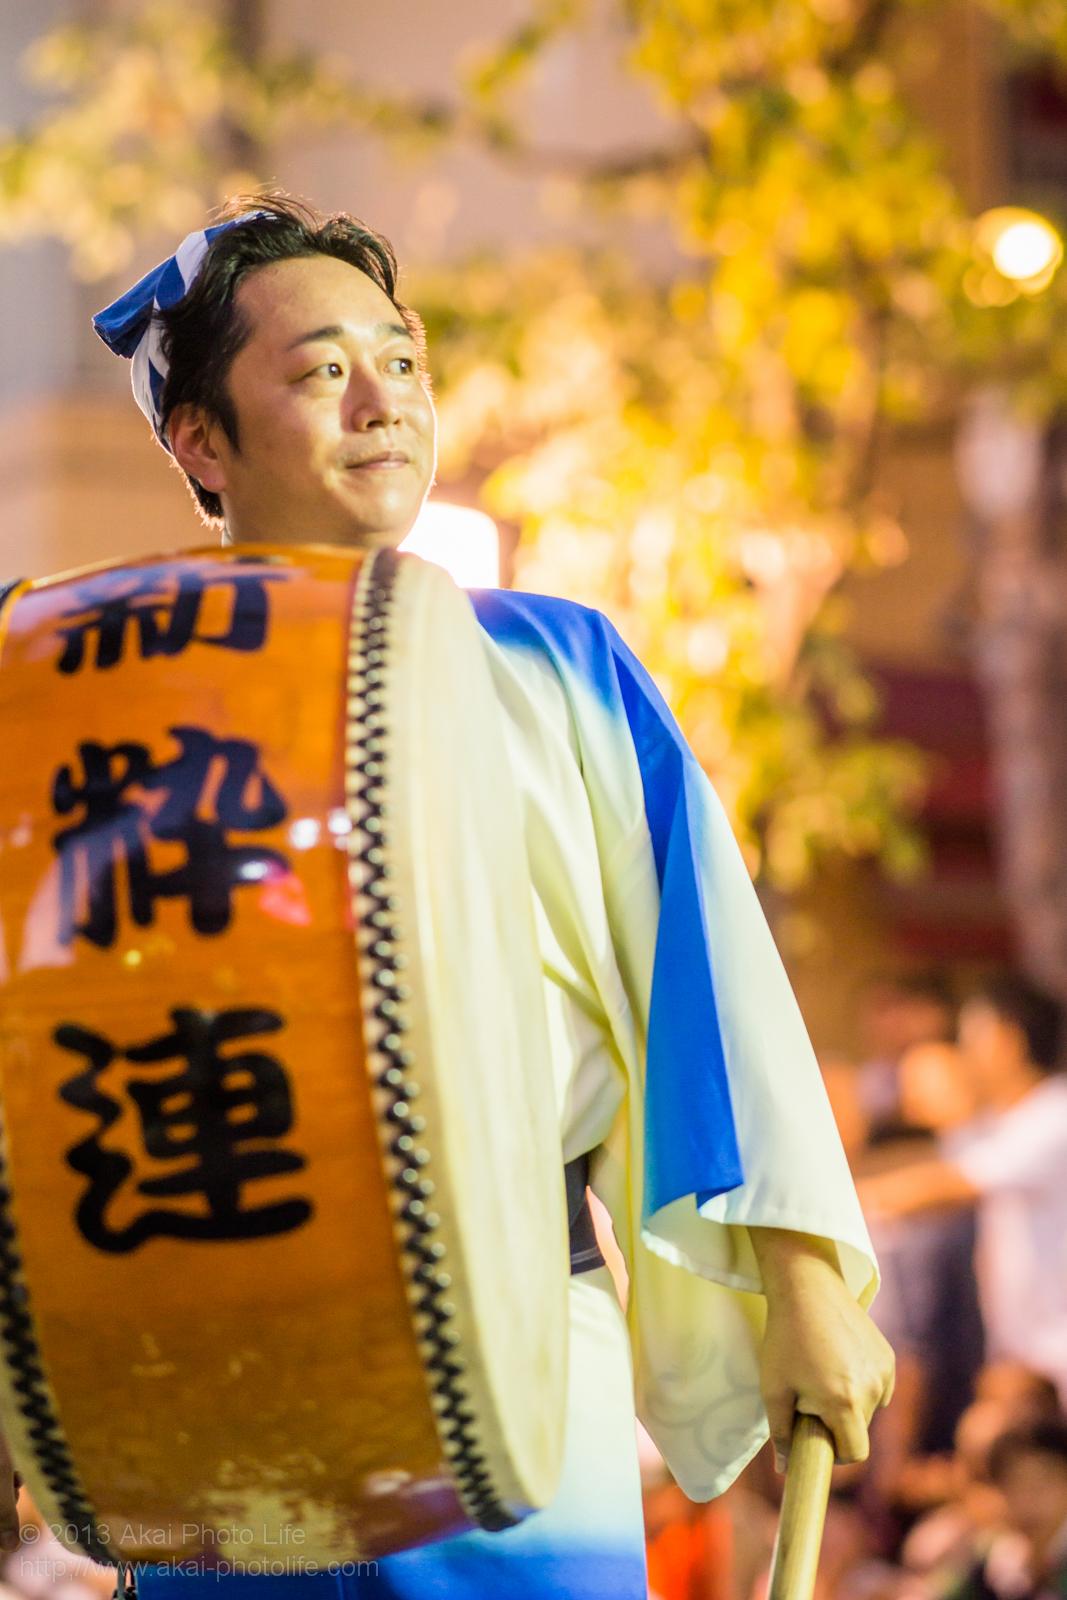 三鷹阿波踊り、新粋連の鳴り物